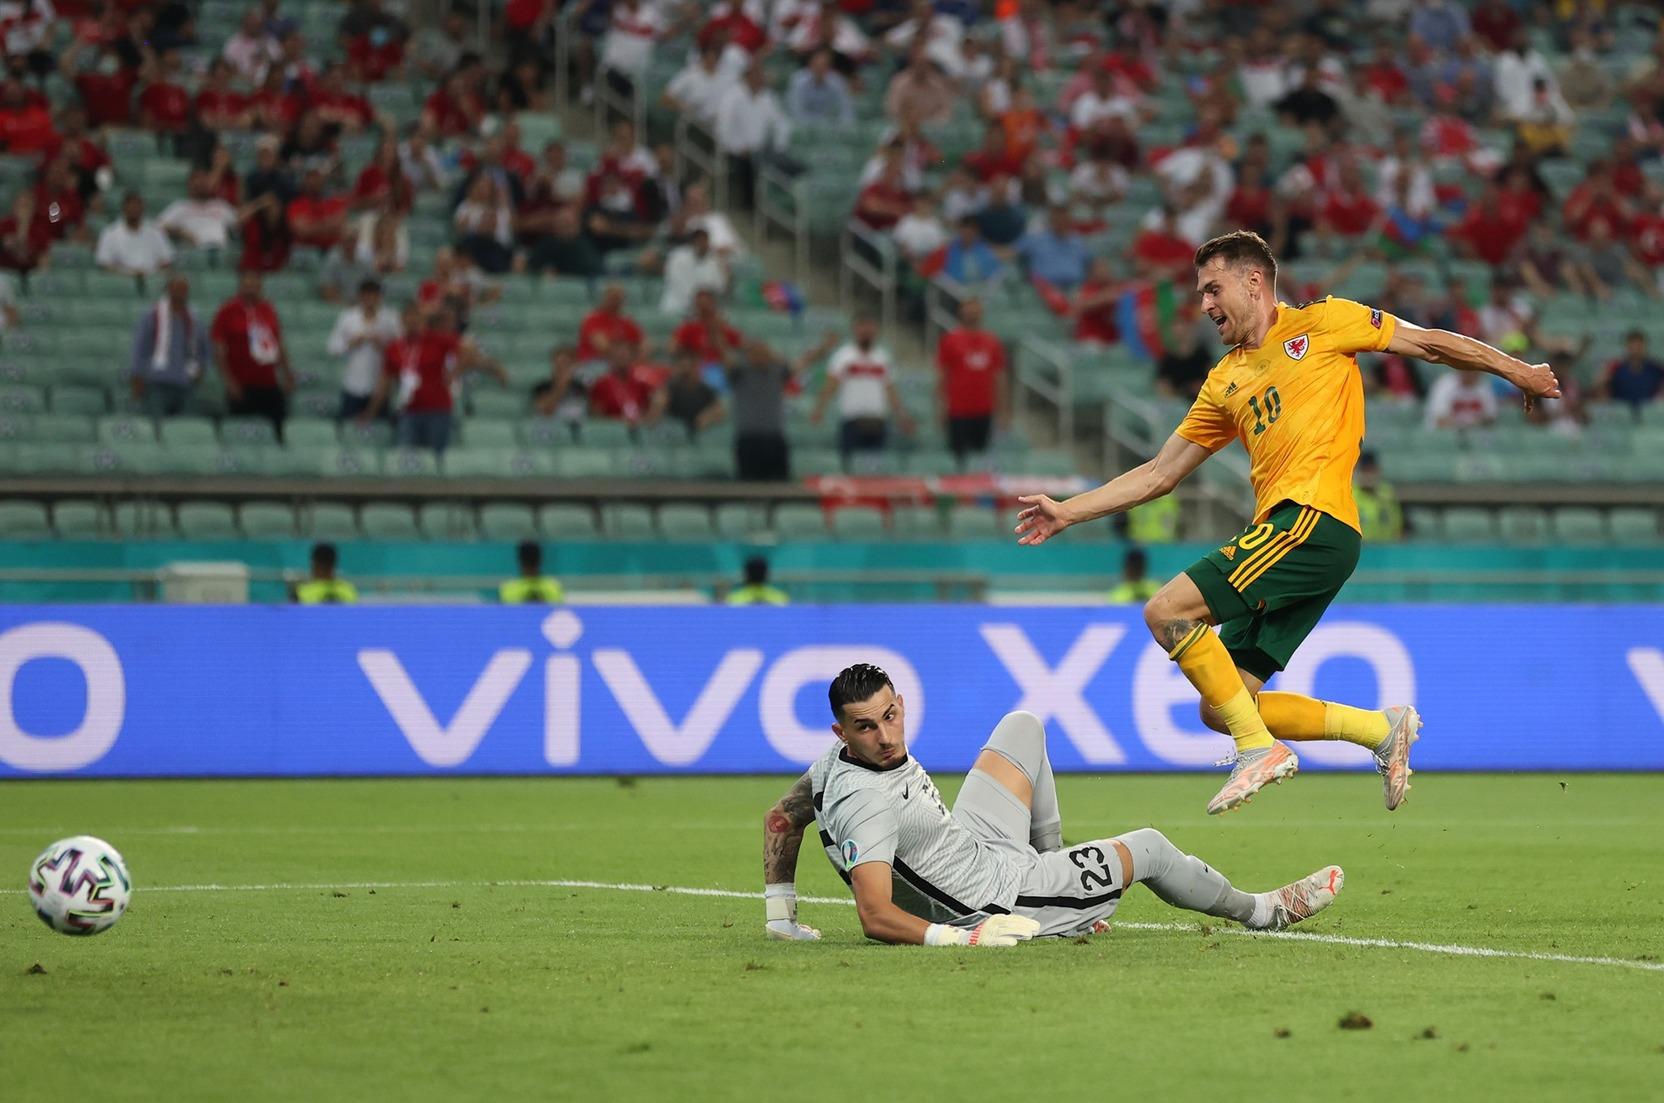 Сборная Уэльса обыграла Турцию в матче Евро-2020